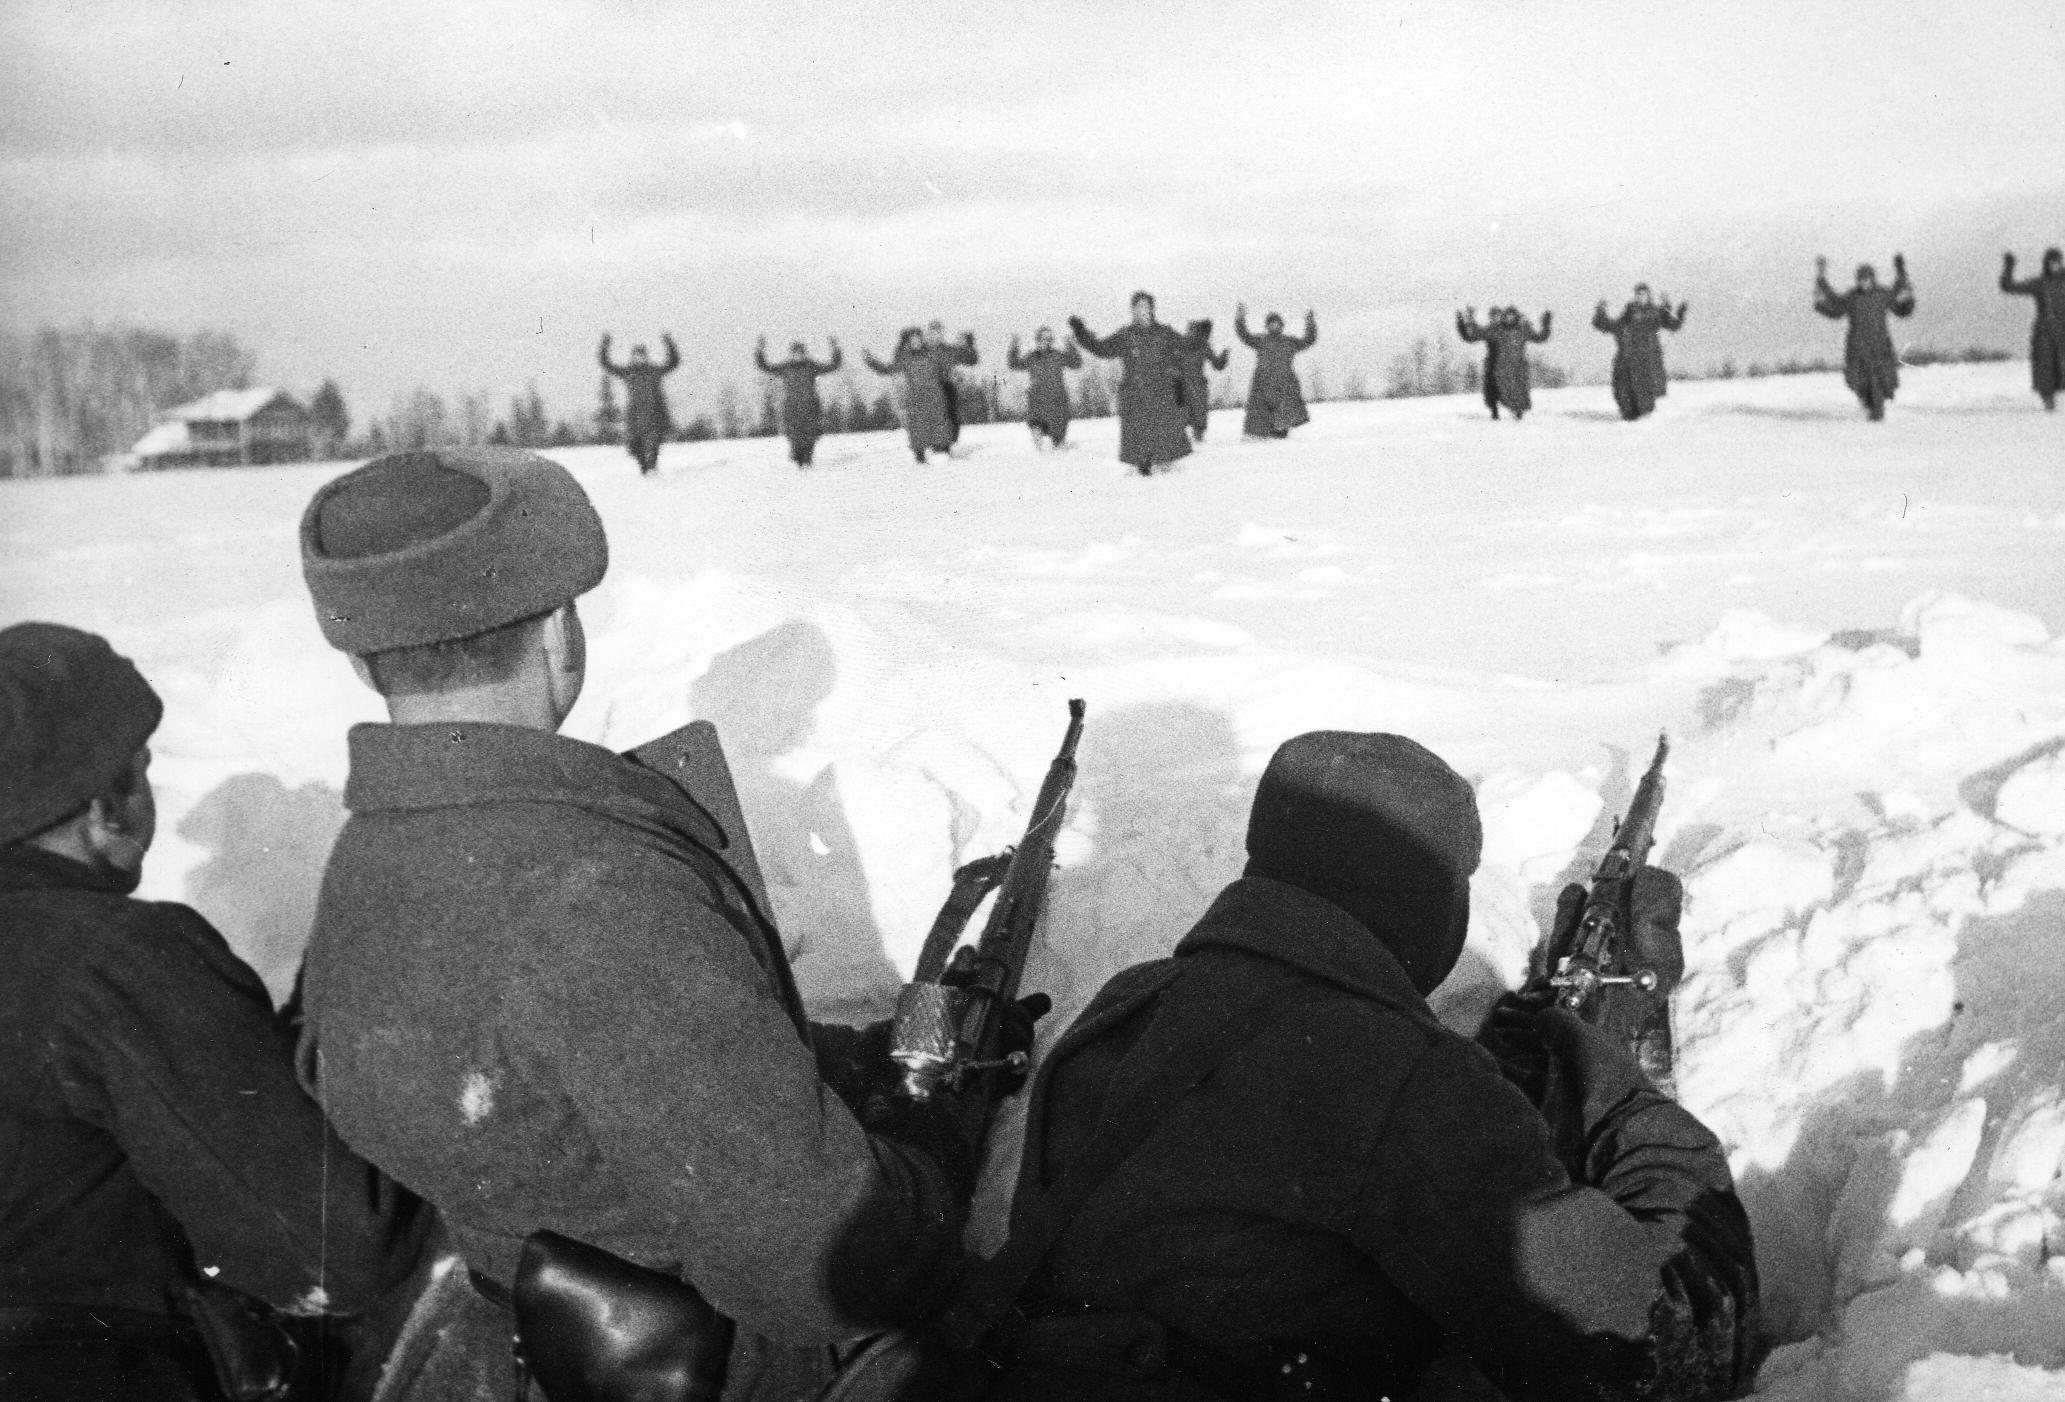 Немецкие солдаты сдаются в плен красноармейцам во время битвы за Москву